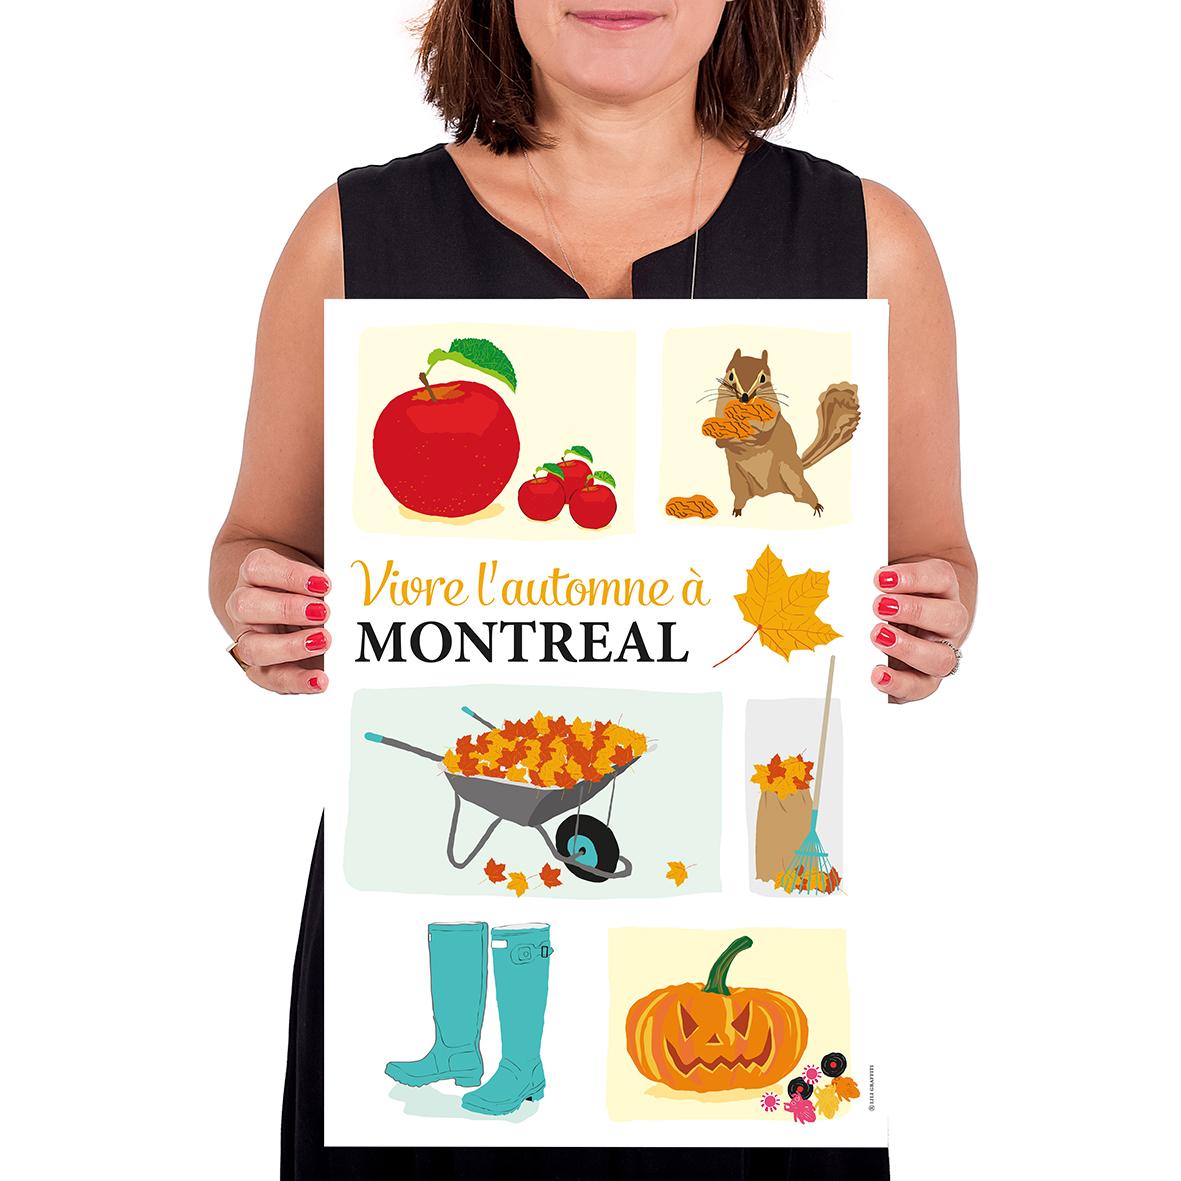 Cliquez ici pour acheter Affiche – Vivre l'automne à Montréal